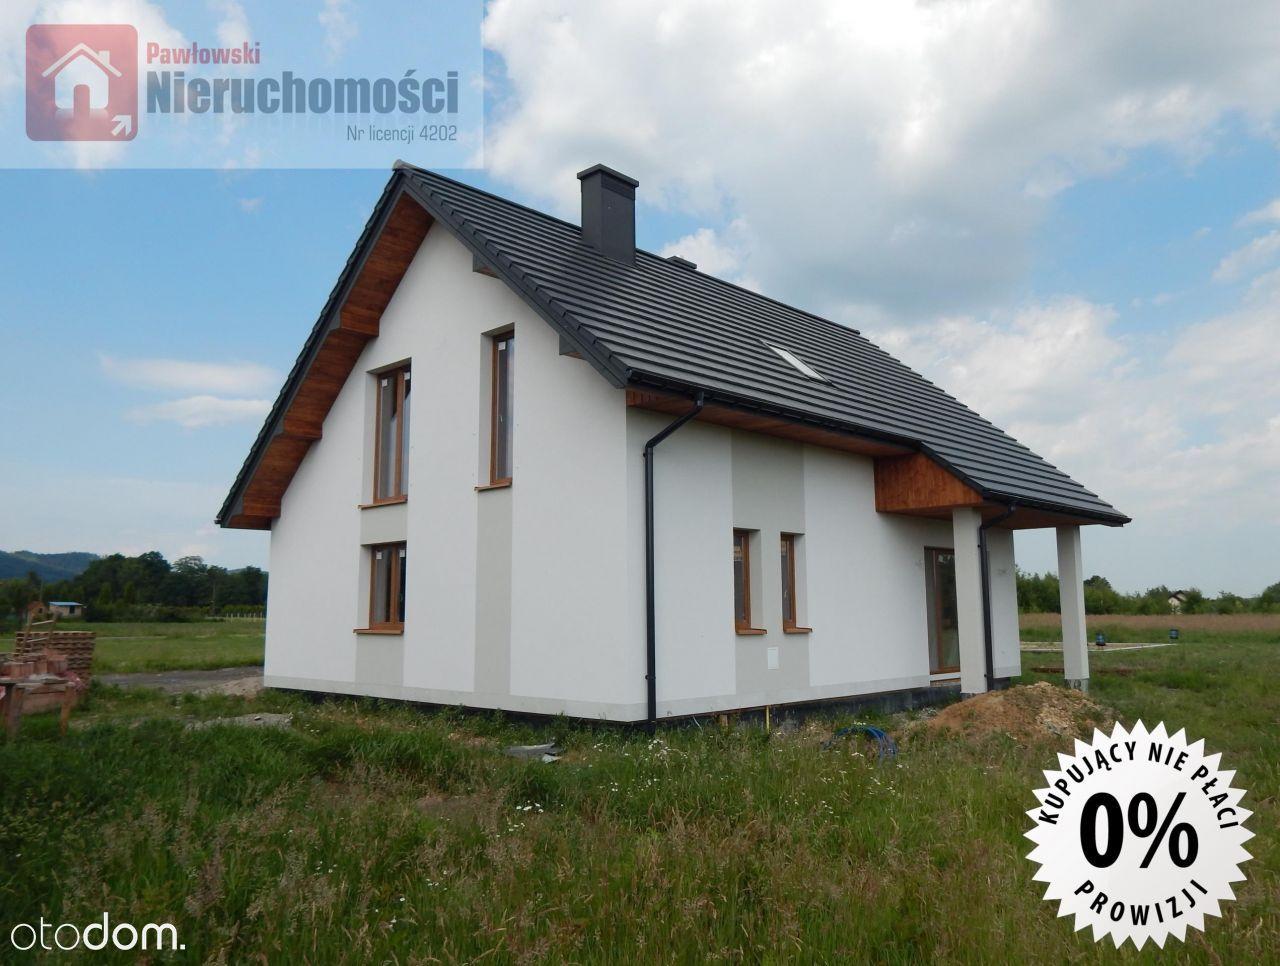 Dom na sprzedaż, Wadowice, wadowicki, małopolskie - Foto 1